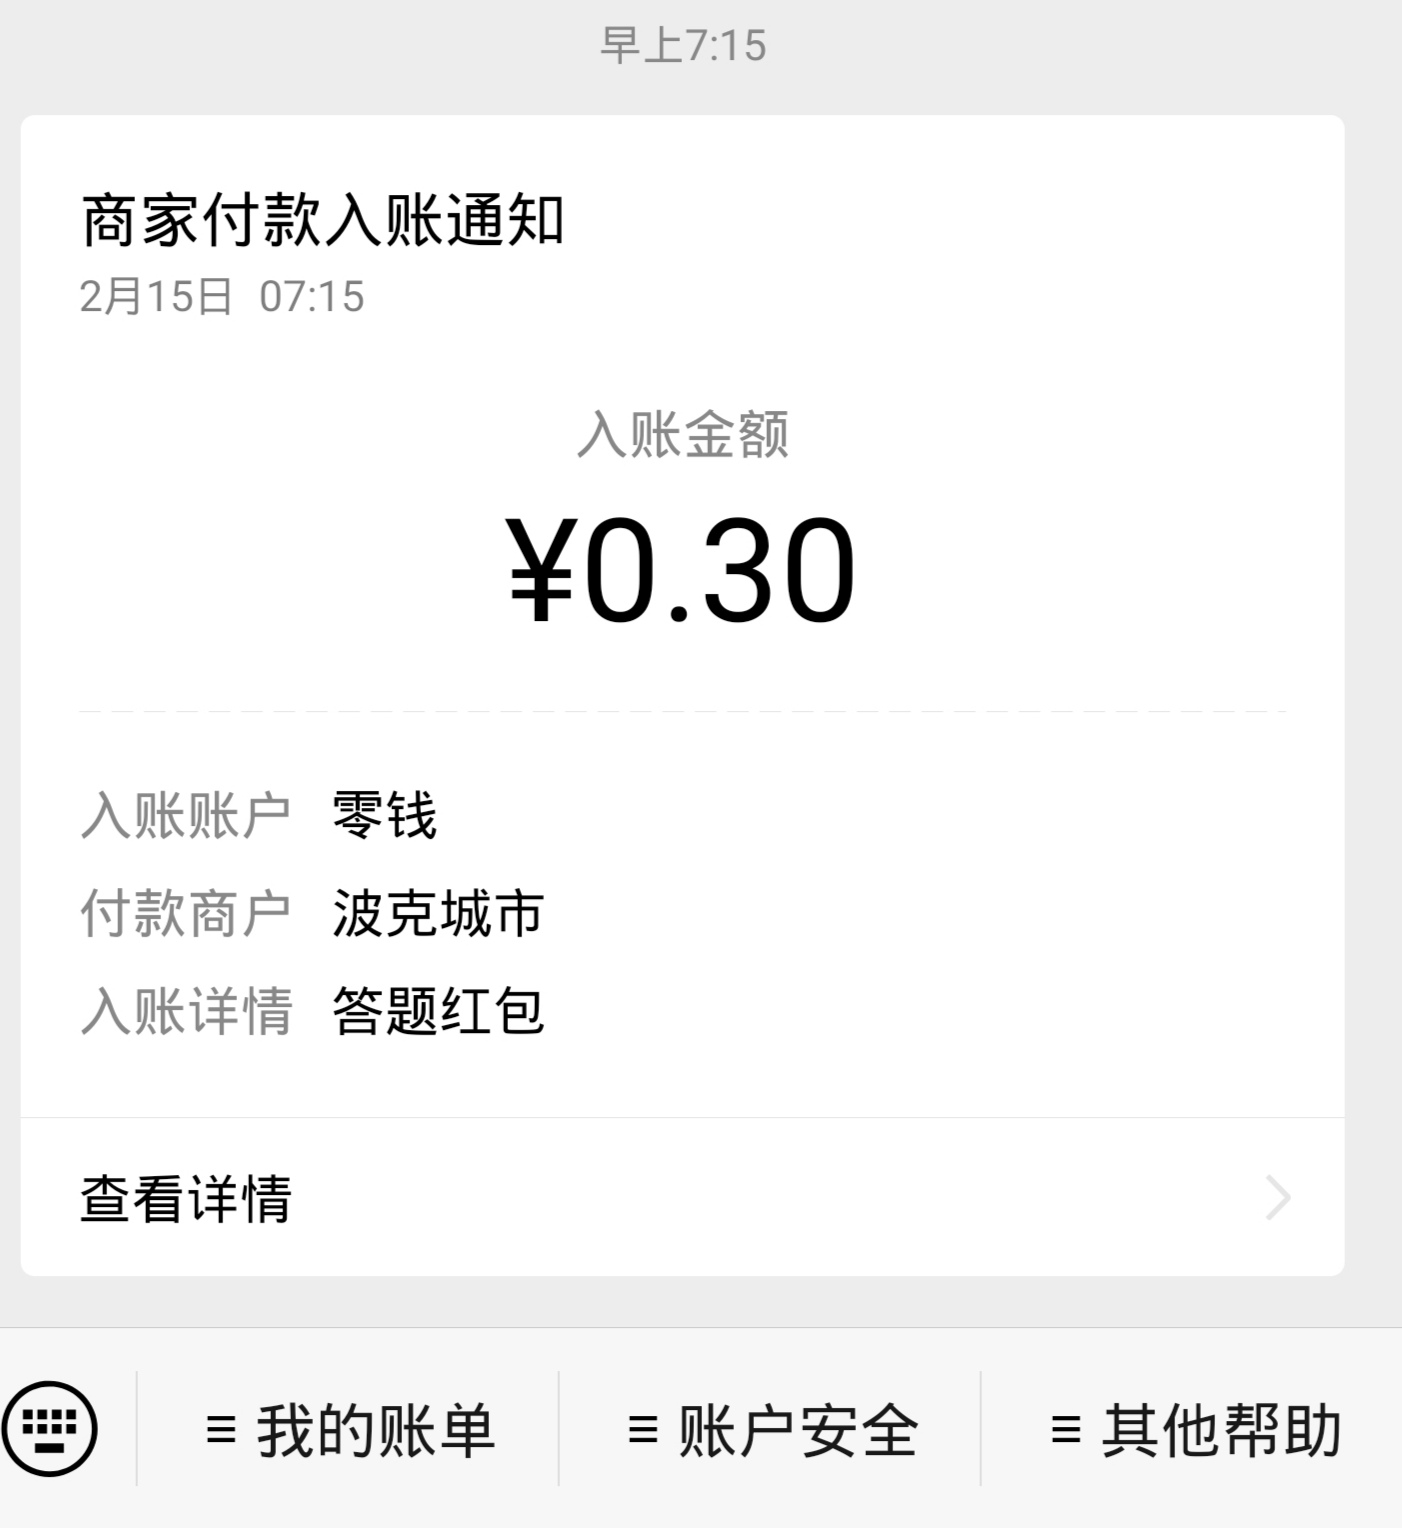 线报-「现金红包」人民战疫总动员领红包-惠小助(52huixz.com)